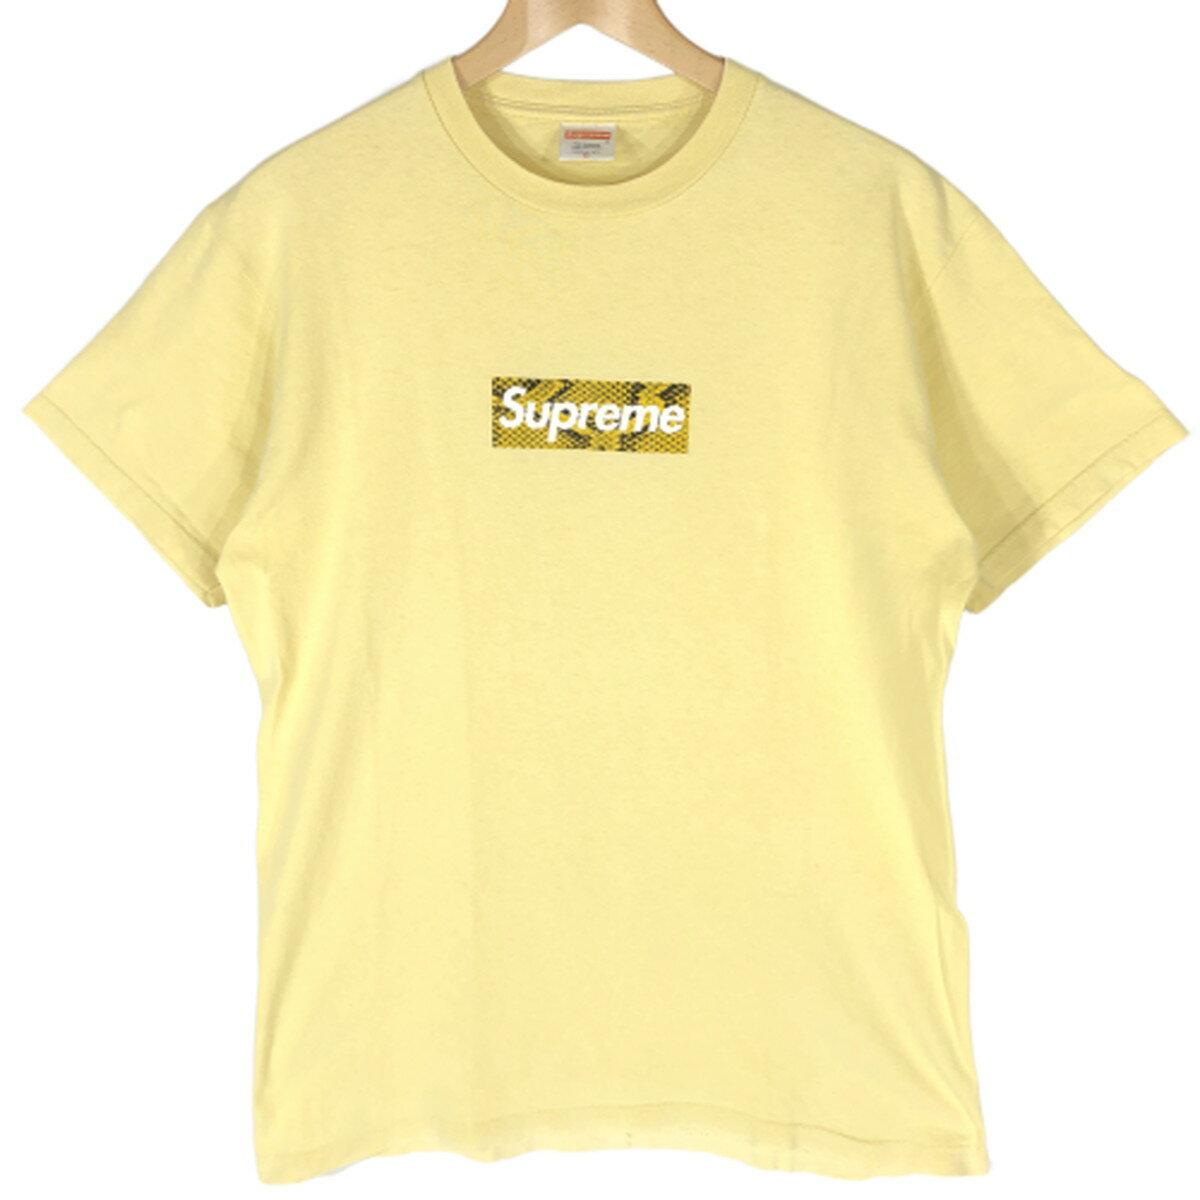 トップス, Tシャツ・カットソー Supreme Snake Box Logo Tee 06AW T M Yellow